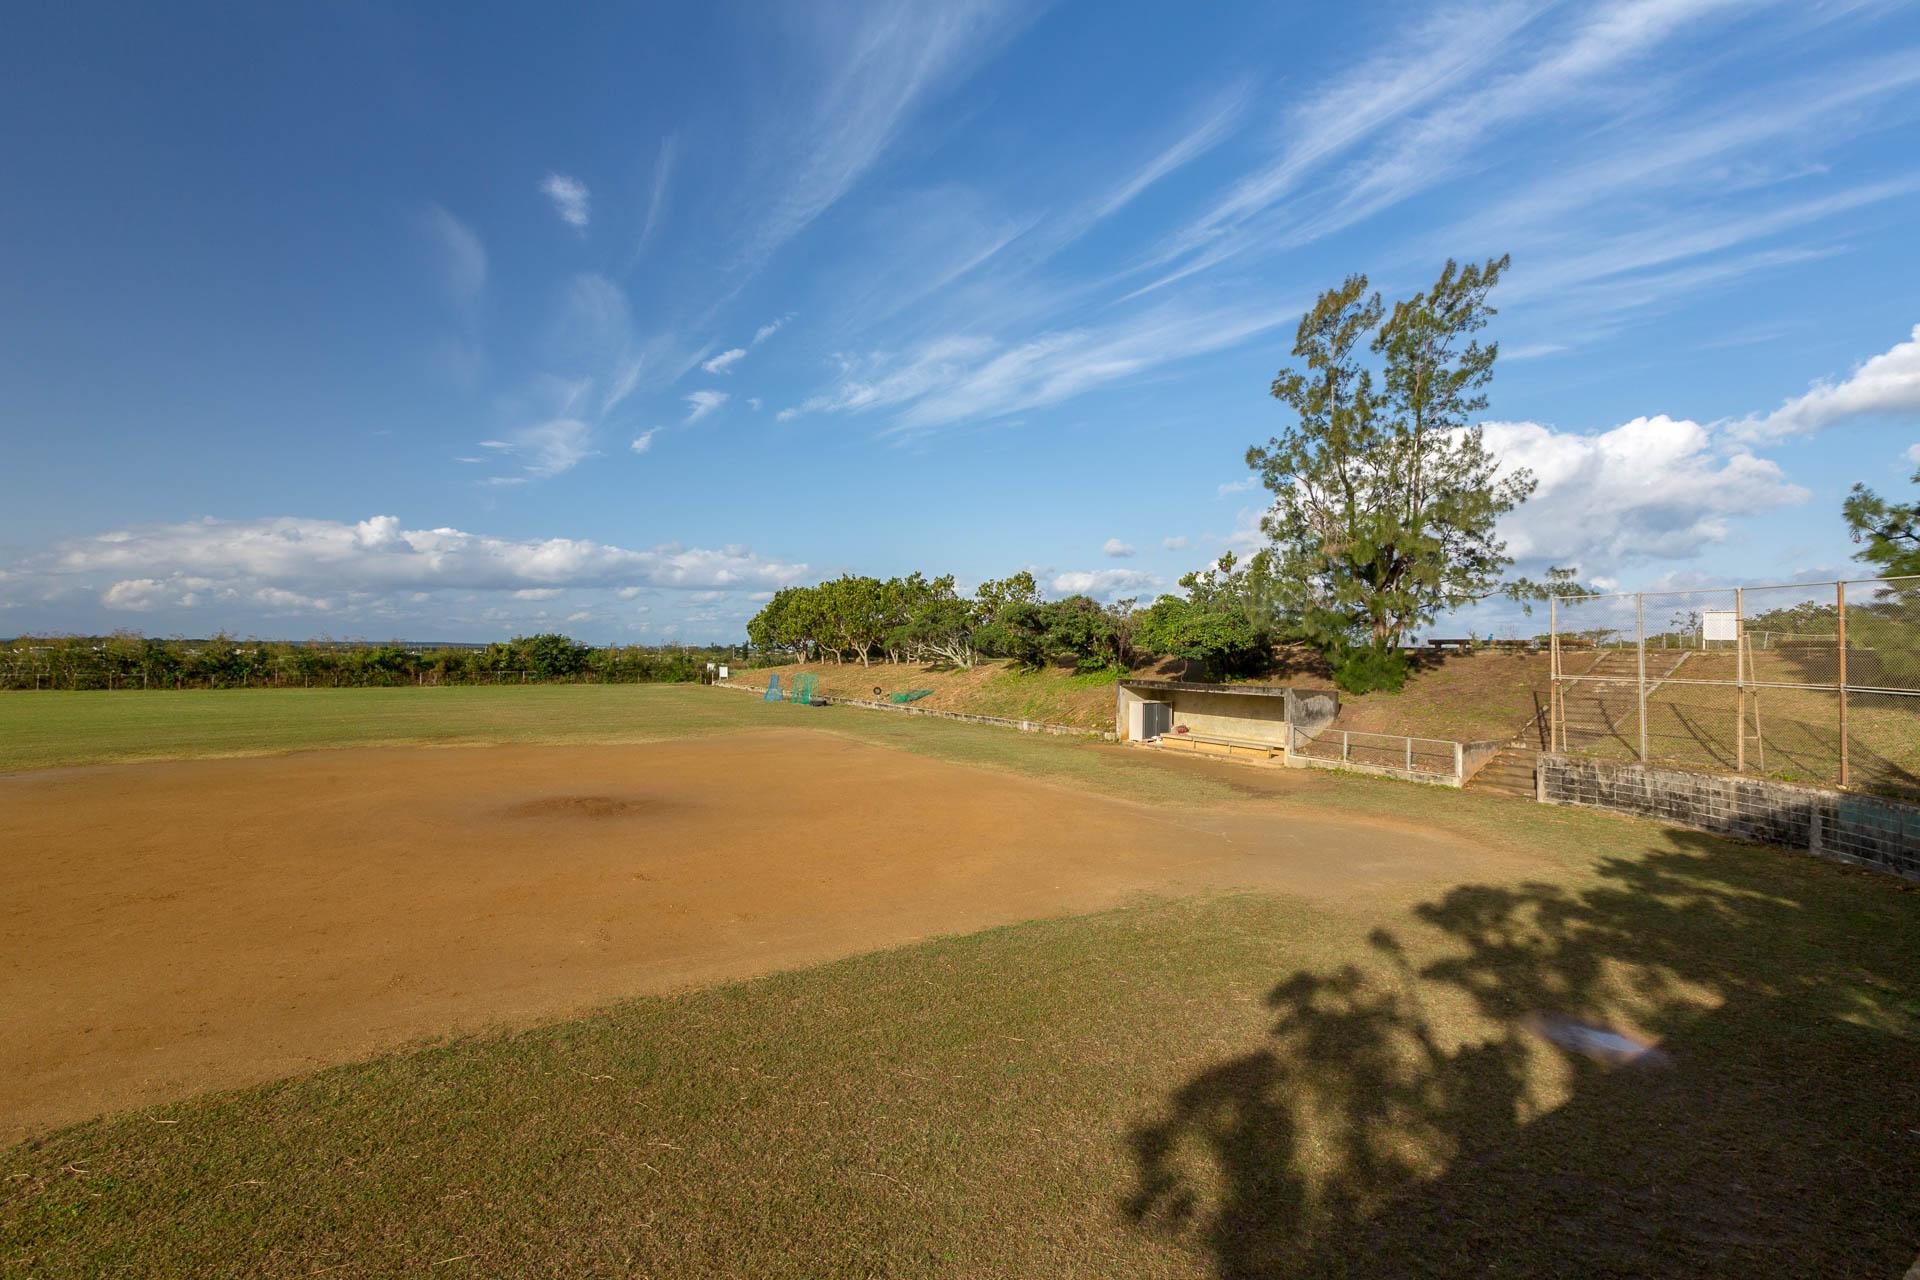 大嶽城址公園野球場